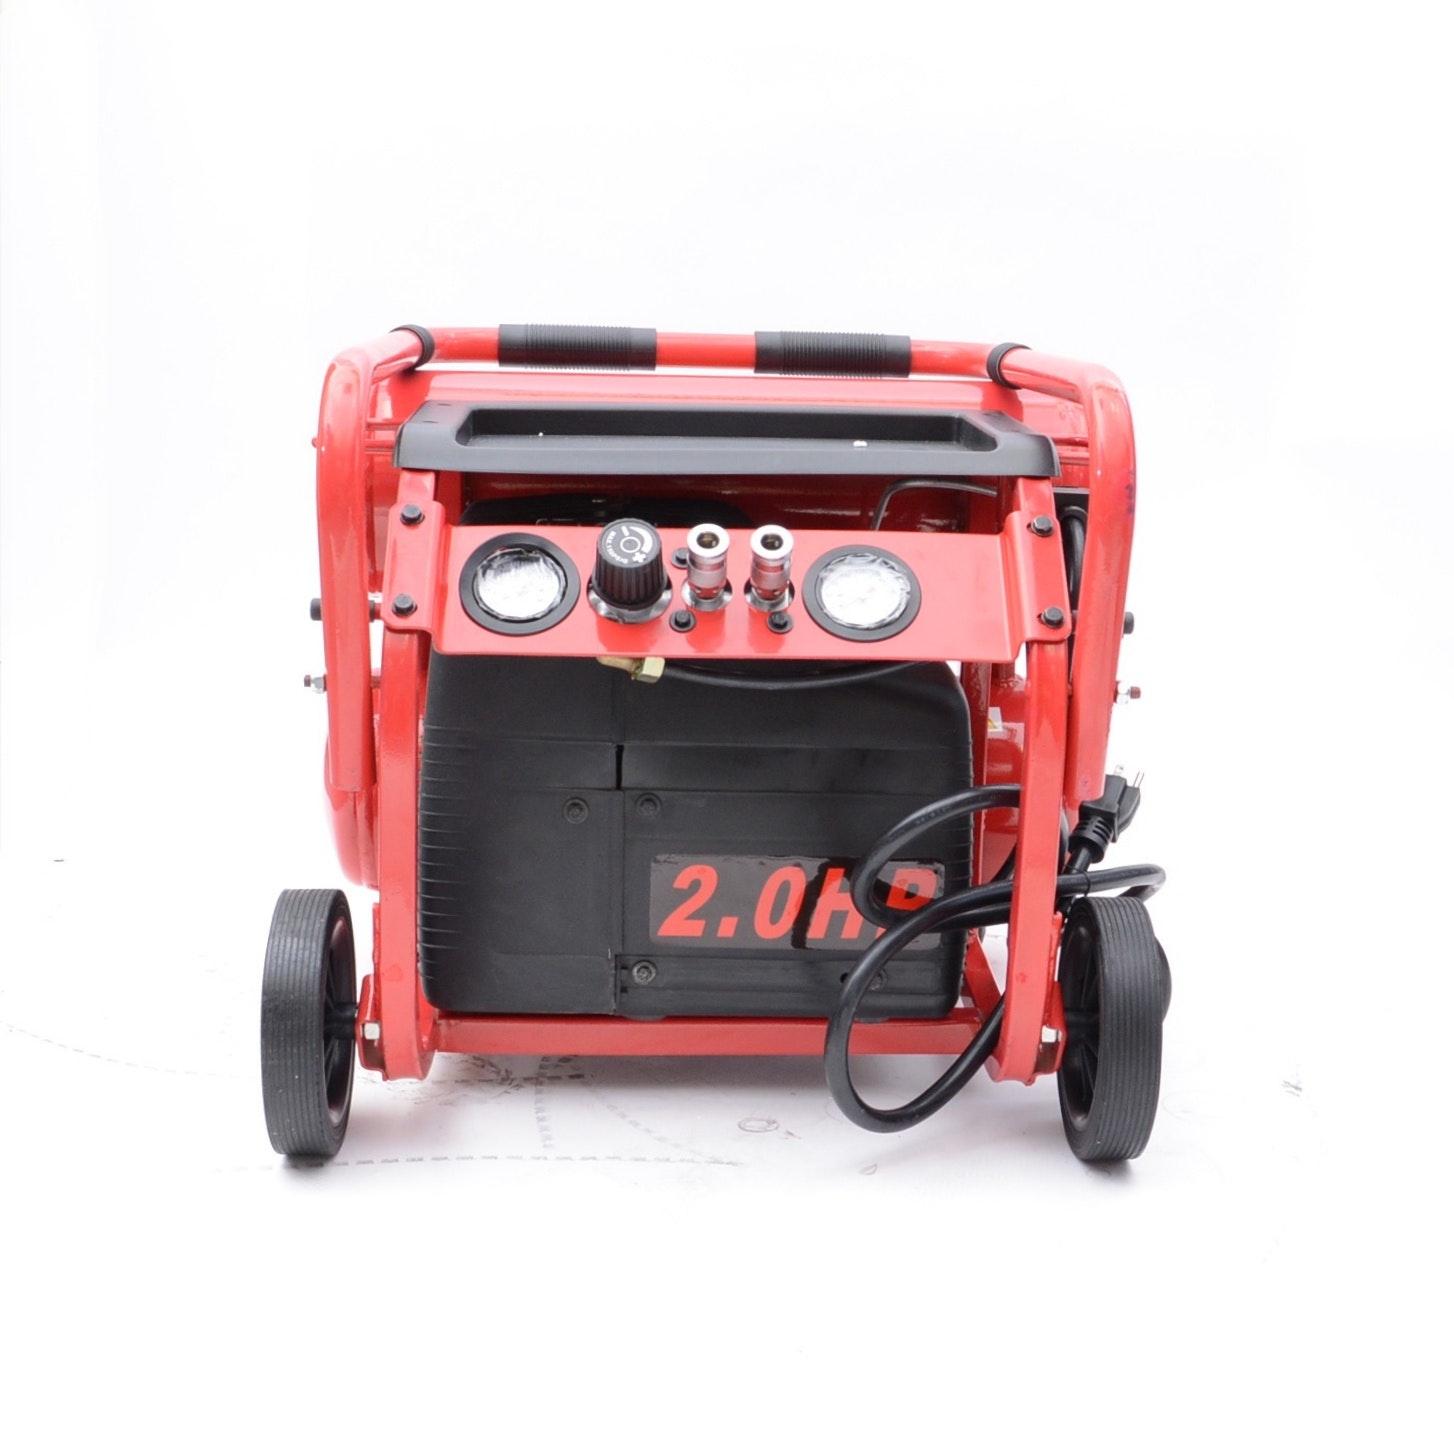 3 PRO 5 Gallon Compressor